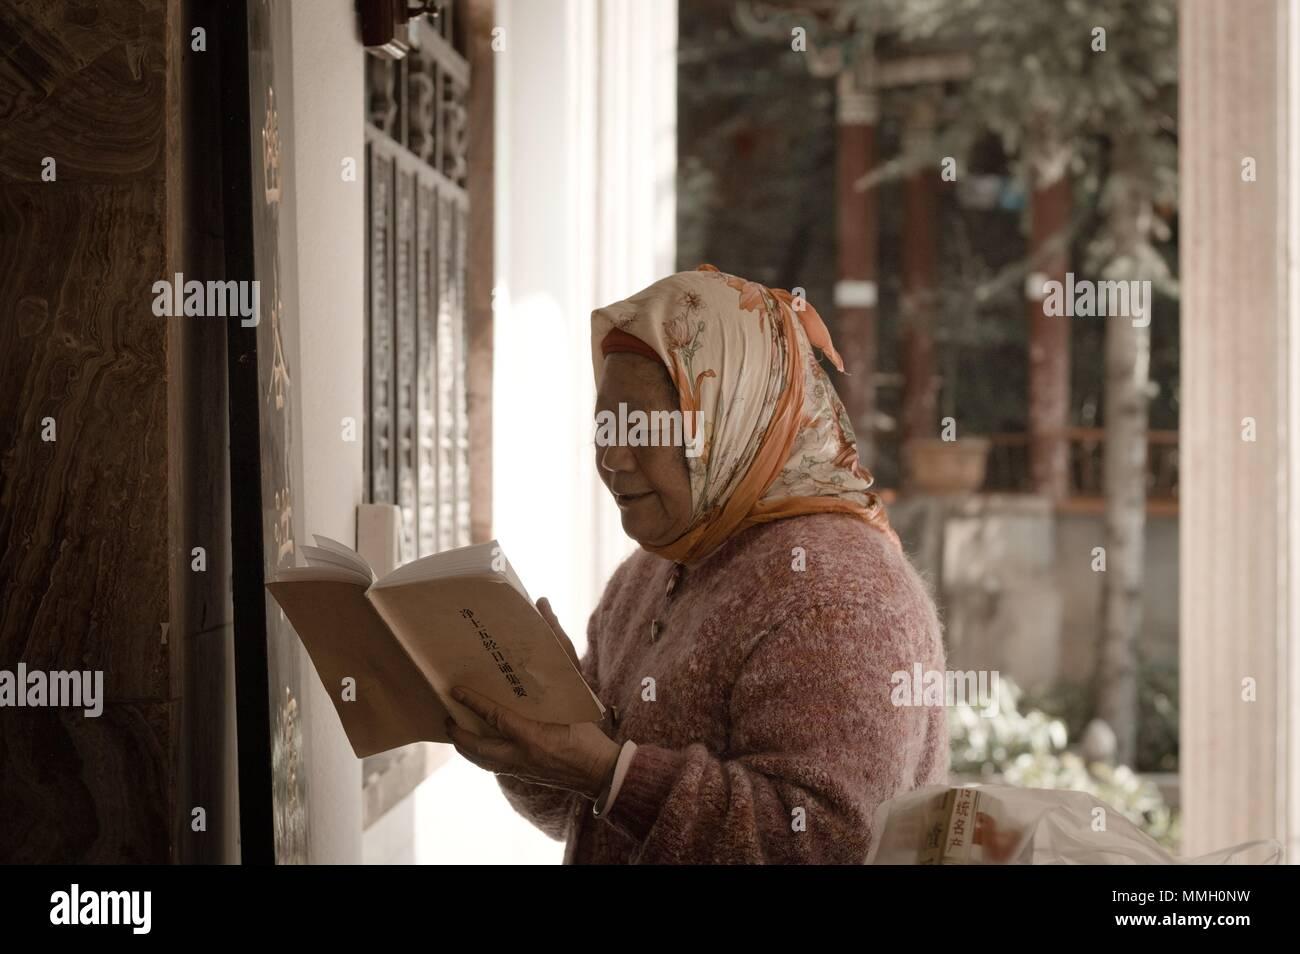 b947192e4118 Kunming, Yunnan, Chine - 28 décembre 2017   Une vieille femme prie dans le